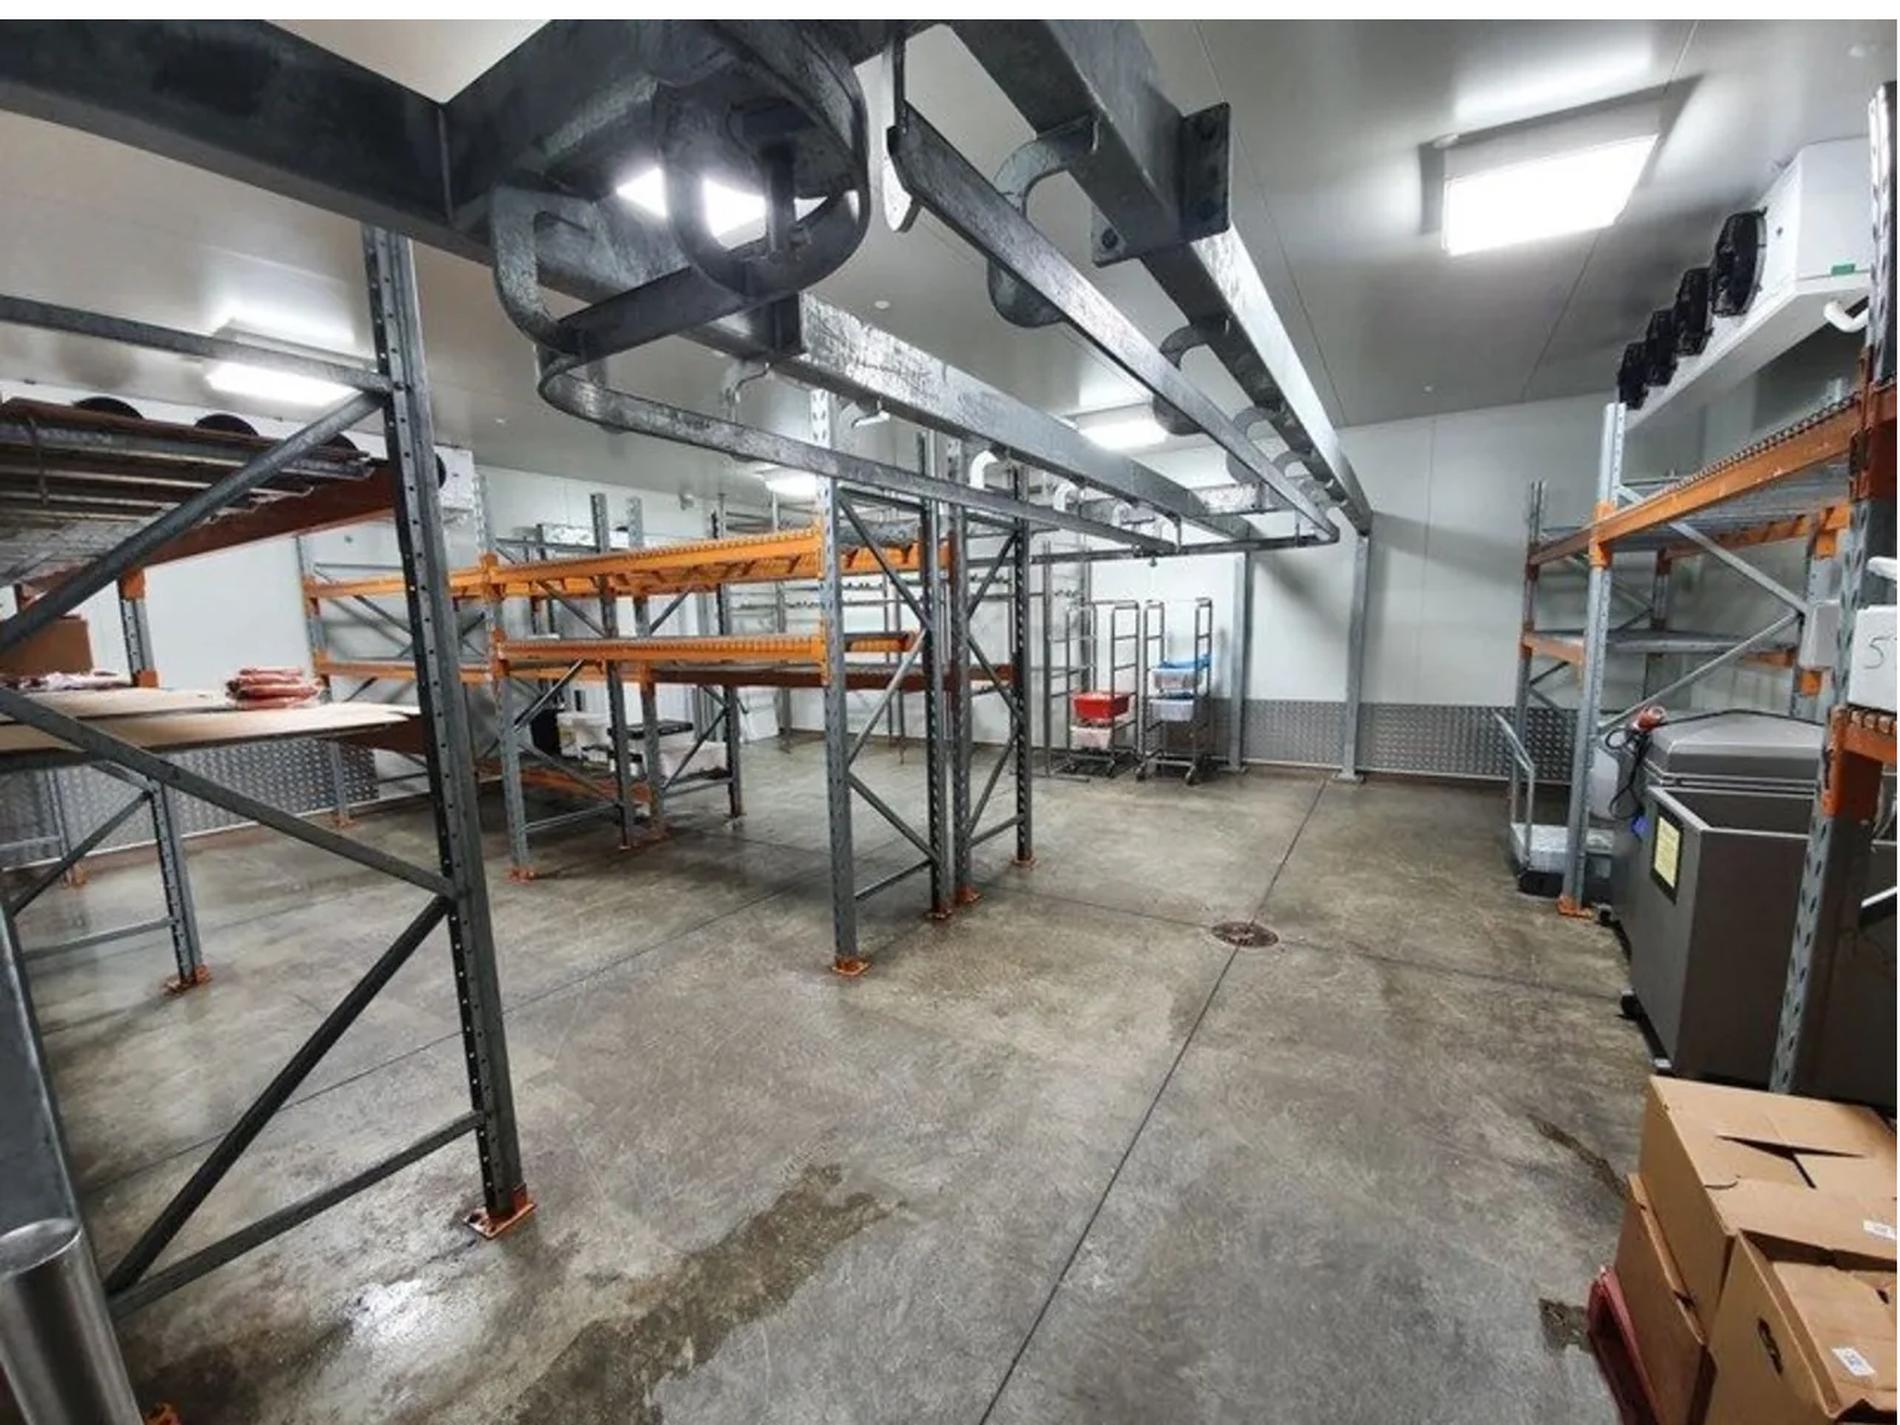 Butcher shop Retail/Wholesale Business for Sale Traralgon